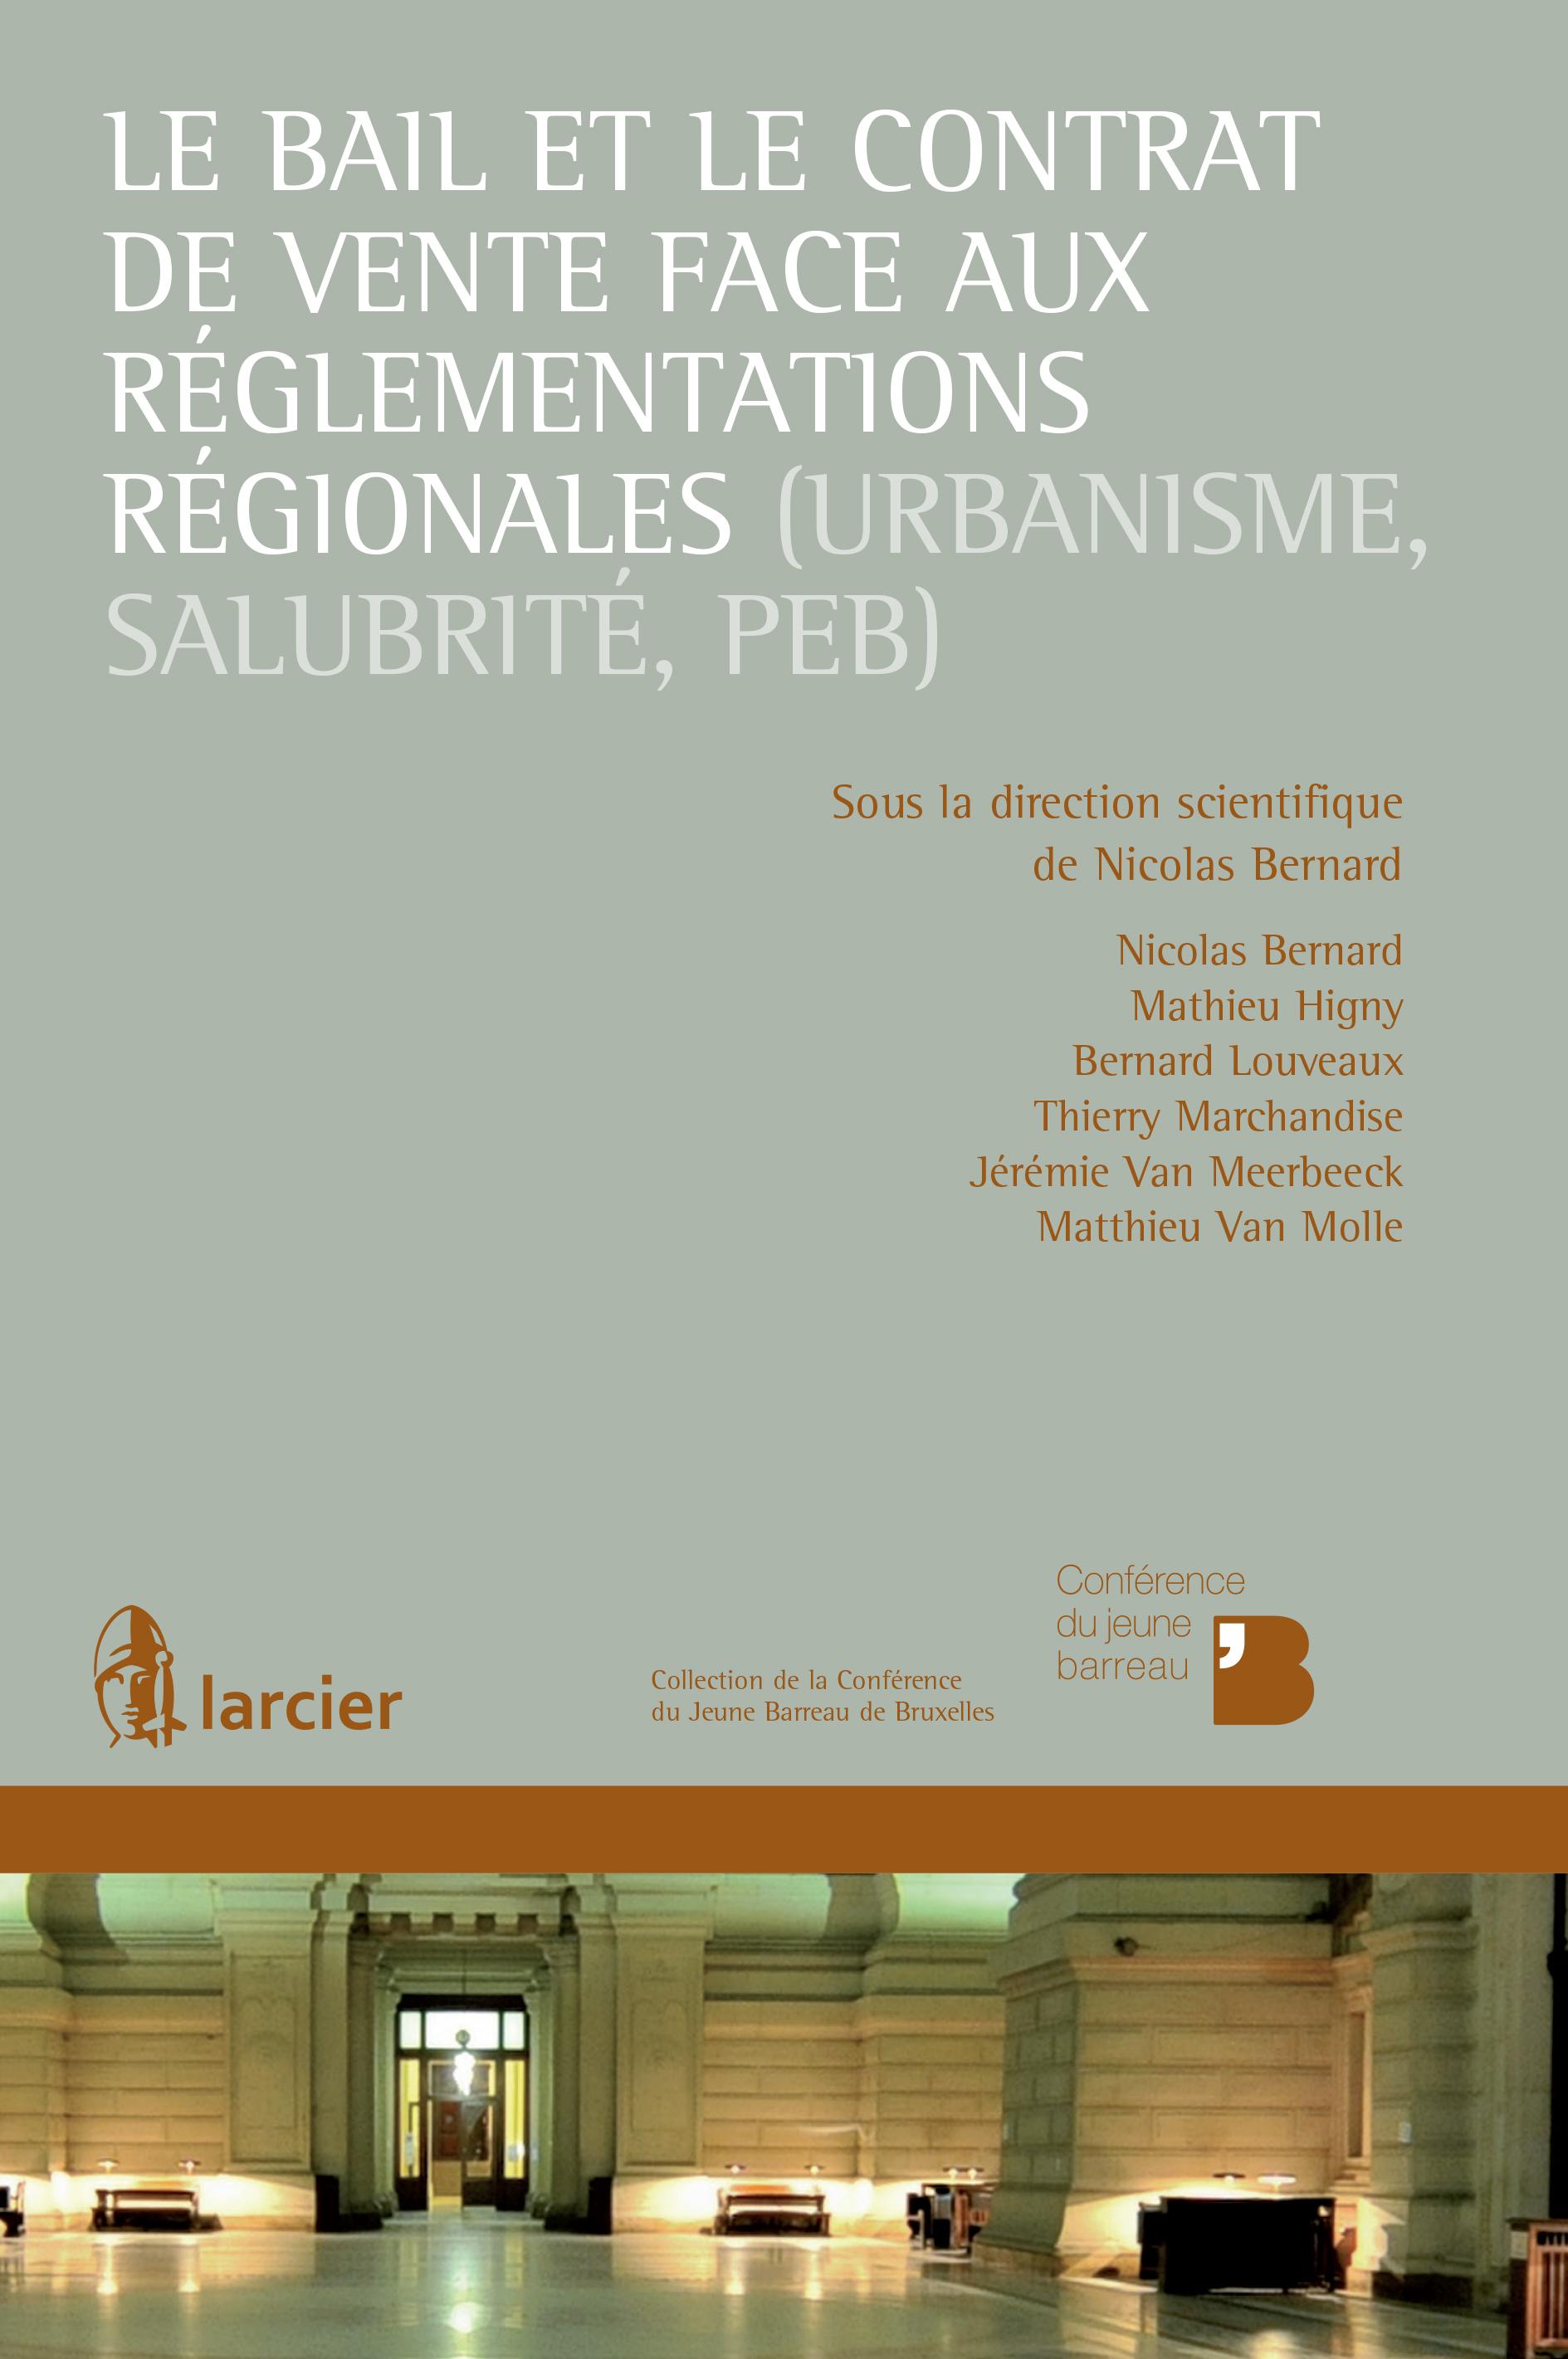 Le bail et le contrat de vente face aux r?glementations r?gionales (urbanisme, salubrit?, PEB)